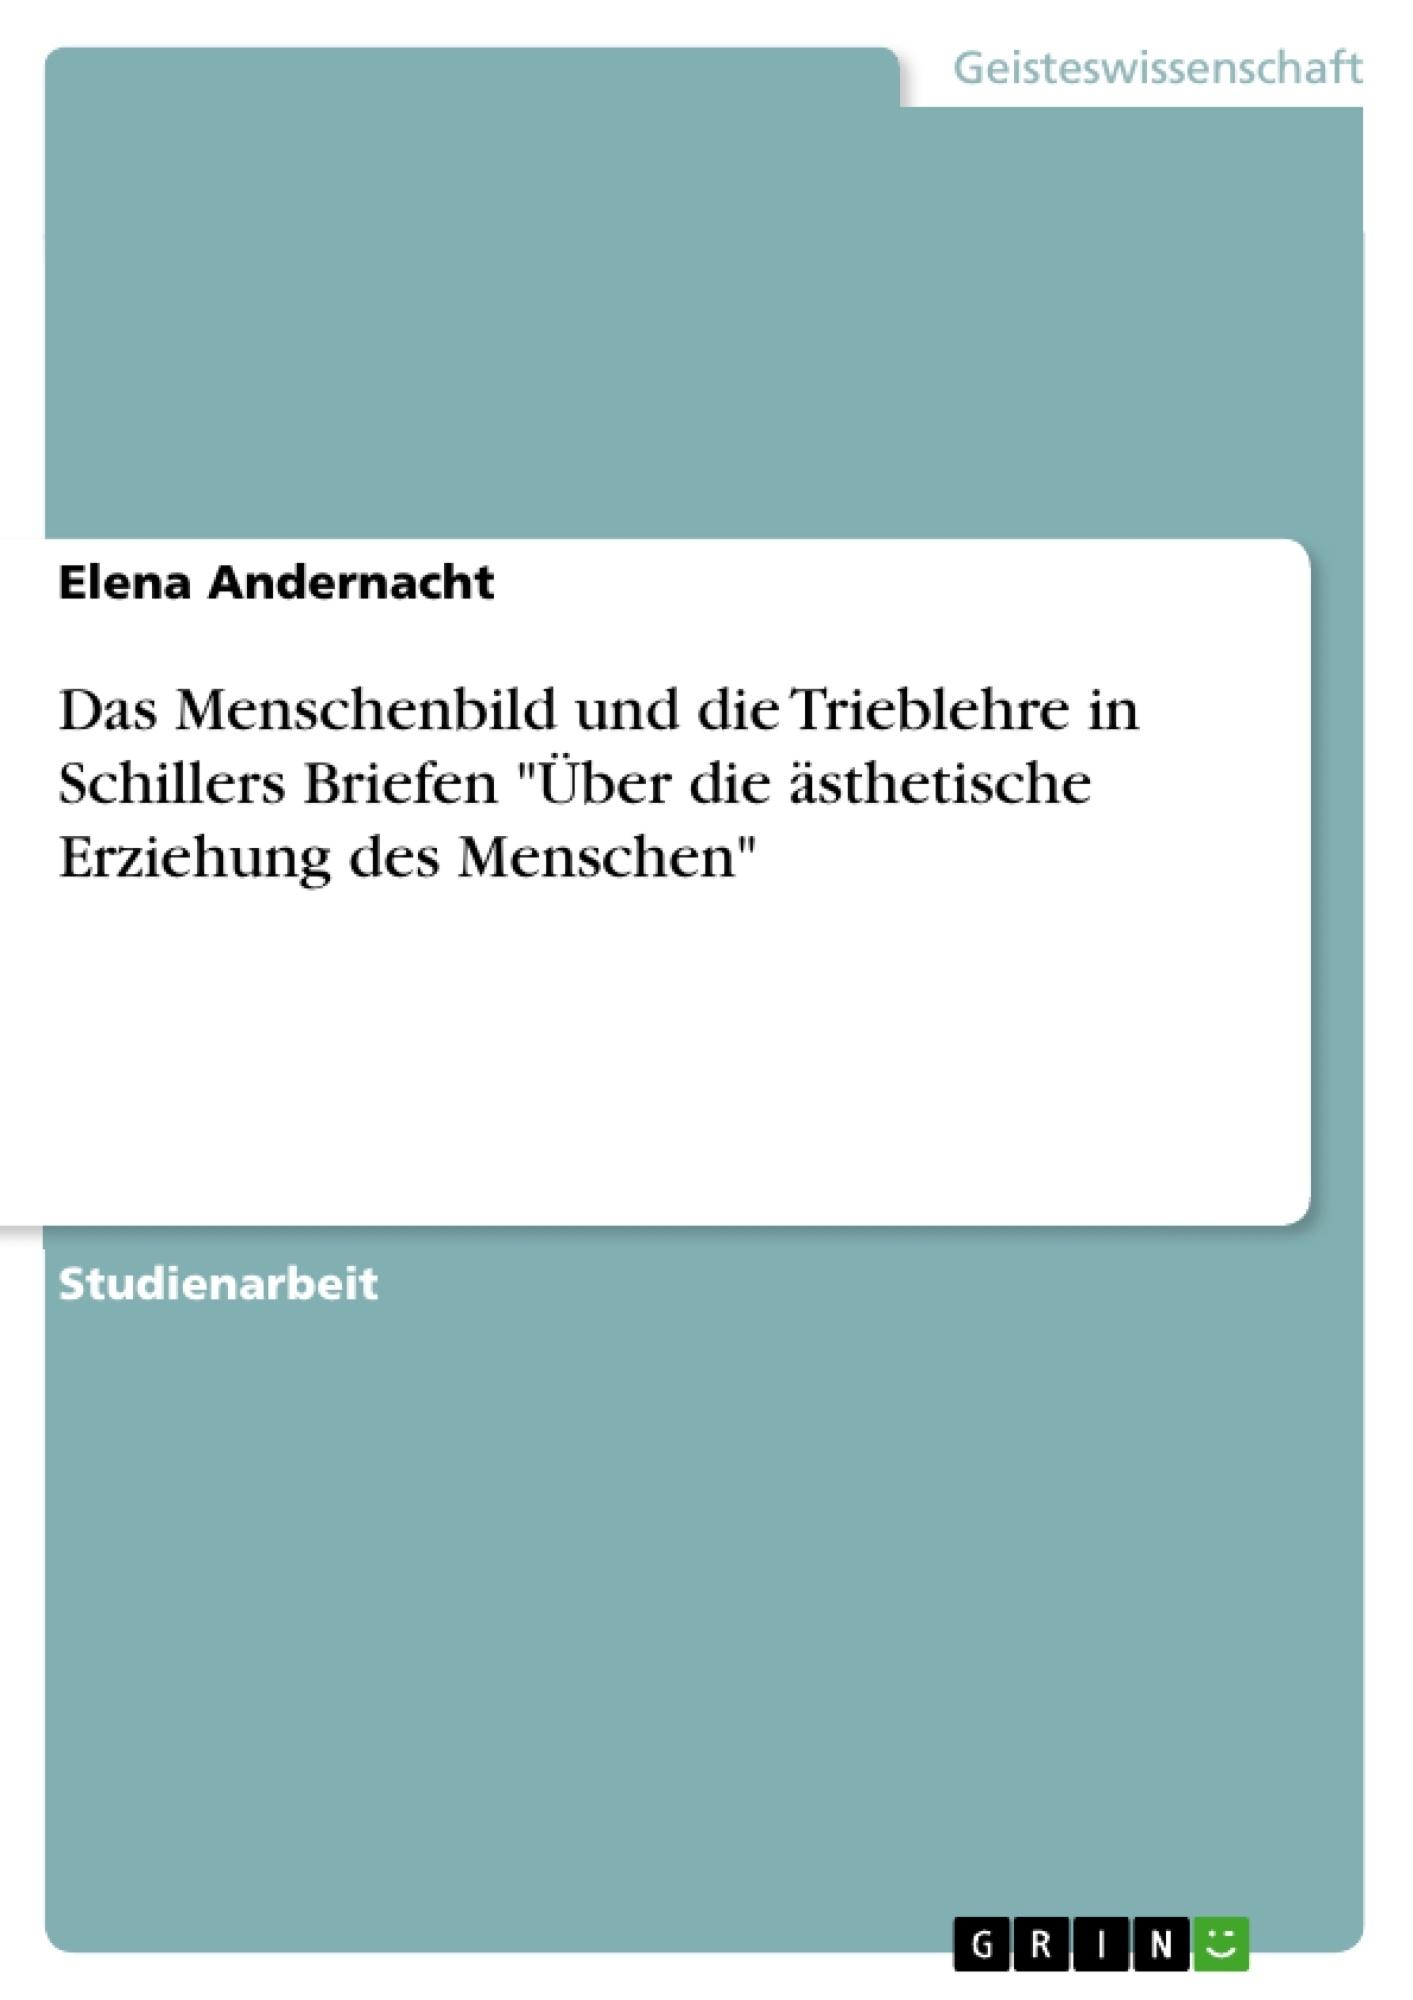 """Titel: Das Menschenbild und die Trieblehre in Schillers Briefen """"Über die ästhetische Erziehung des Menschen"""""""